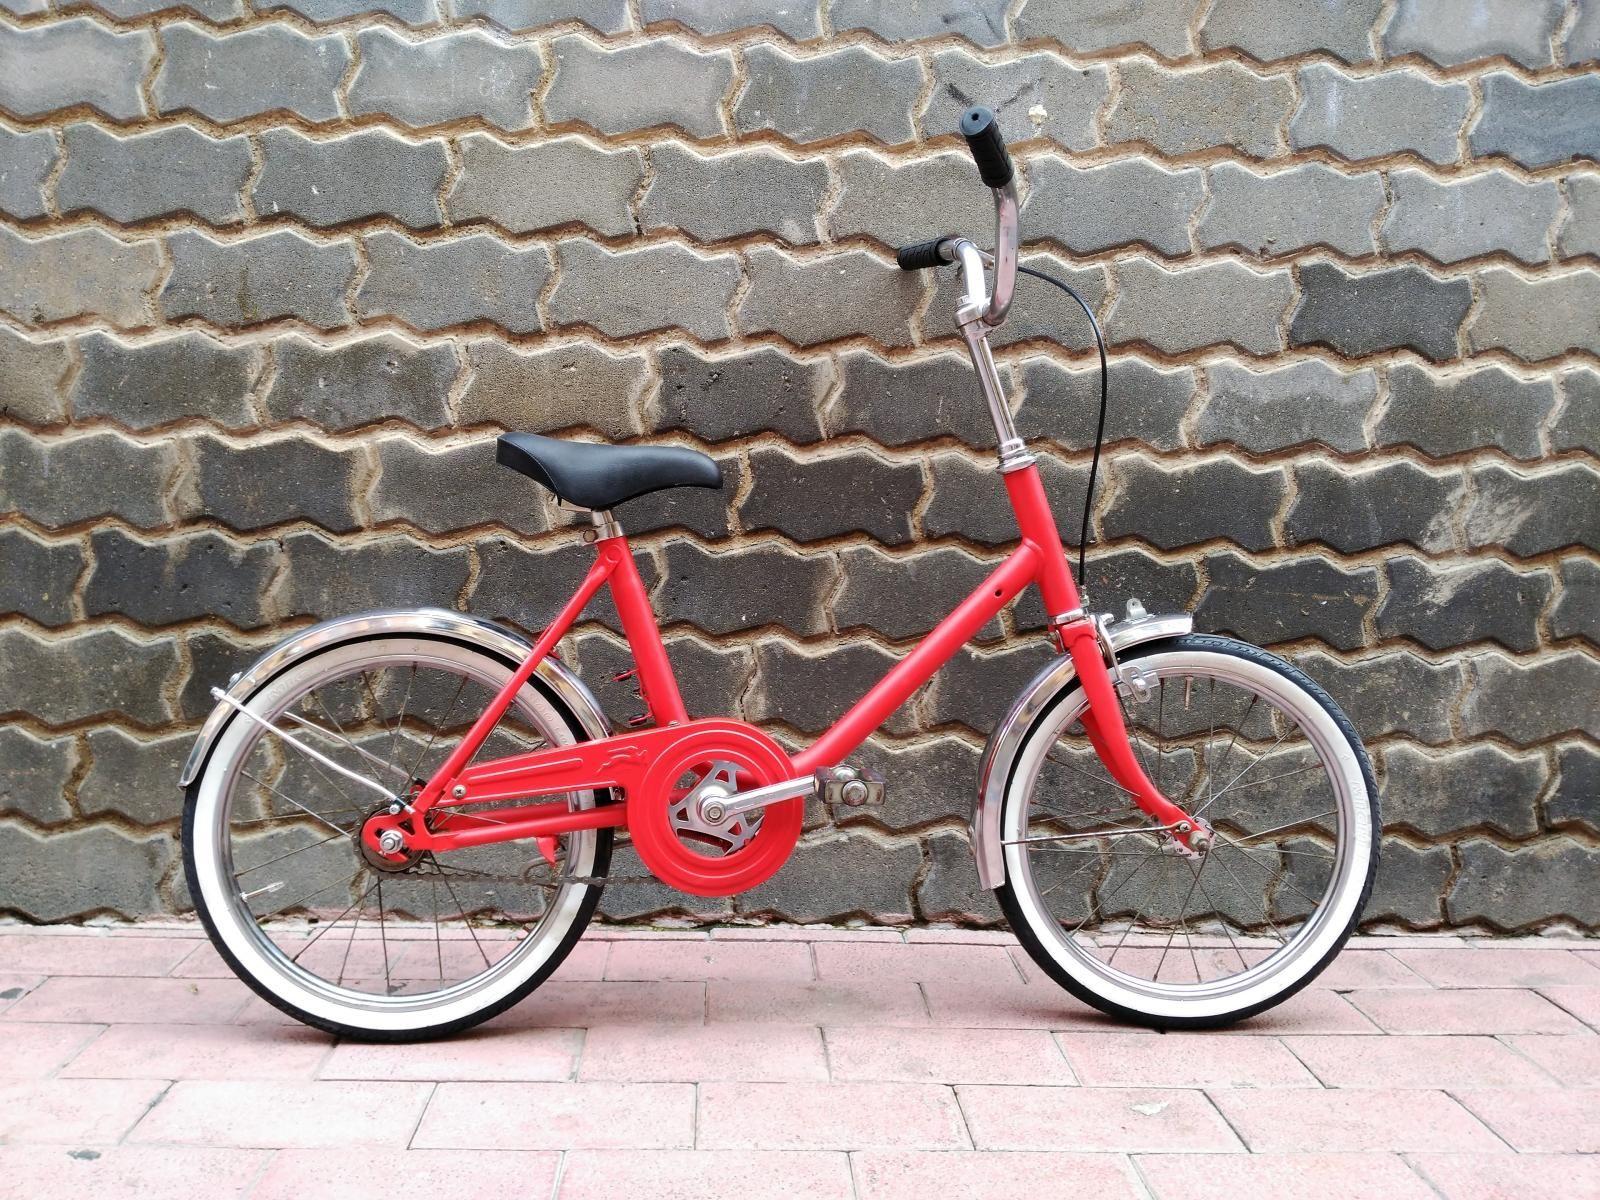 Bh Gacela 16 Restaurada Bicicletas Bh Bicicletas Infantiles